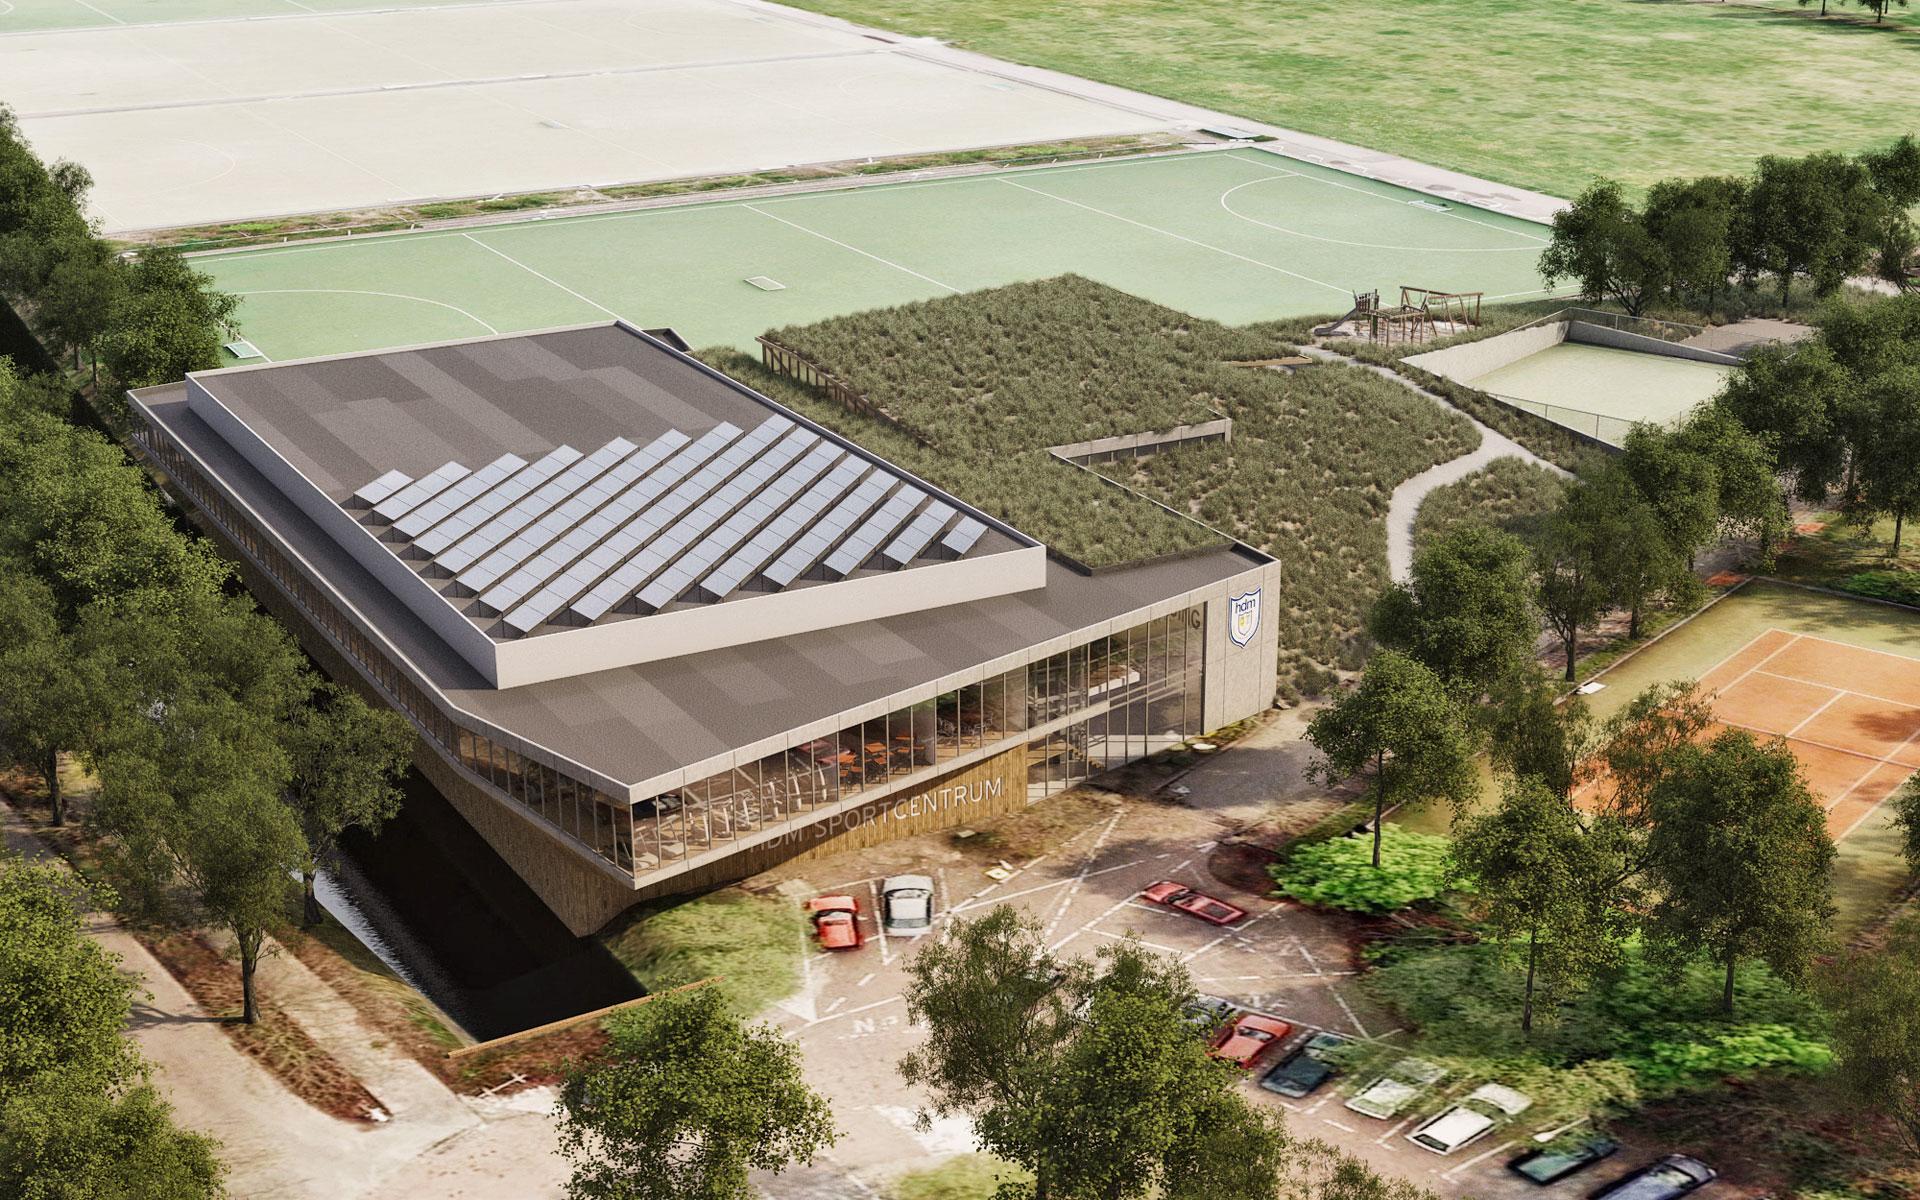 Sportcentrum HDM Den Haag - BINT architecten